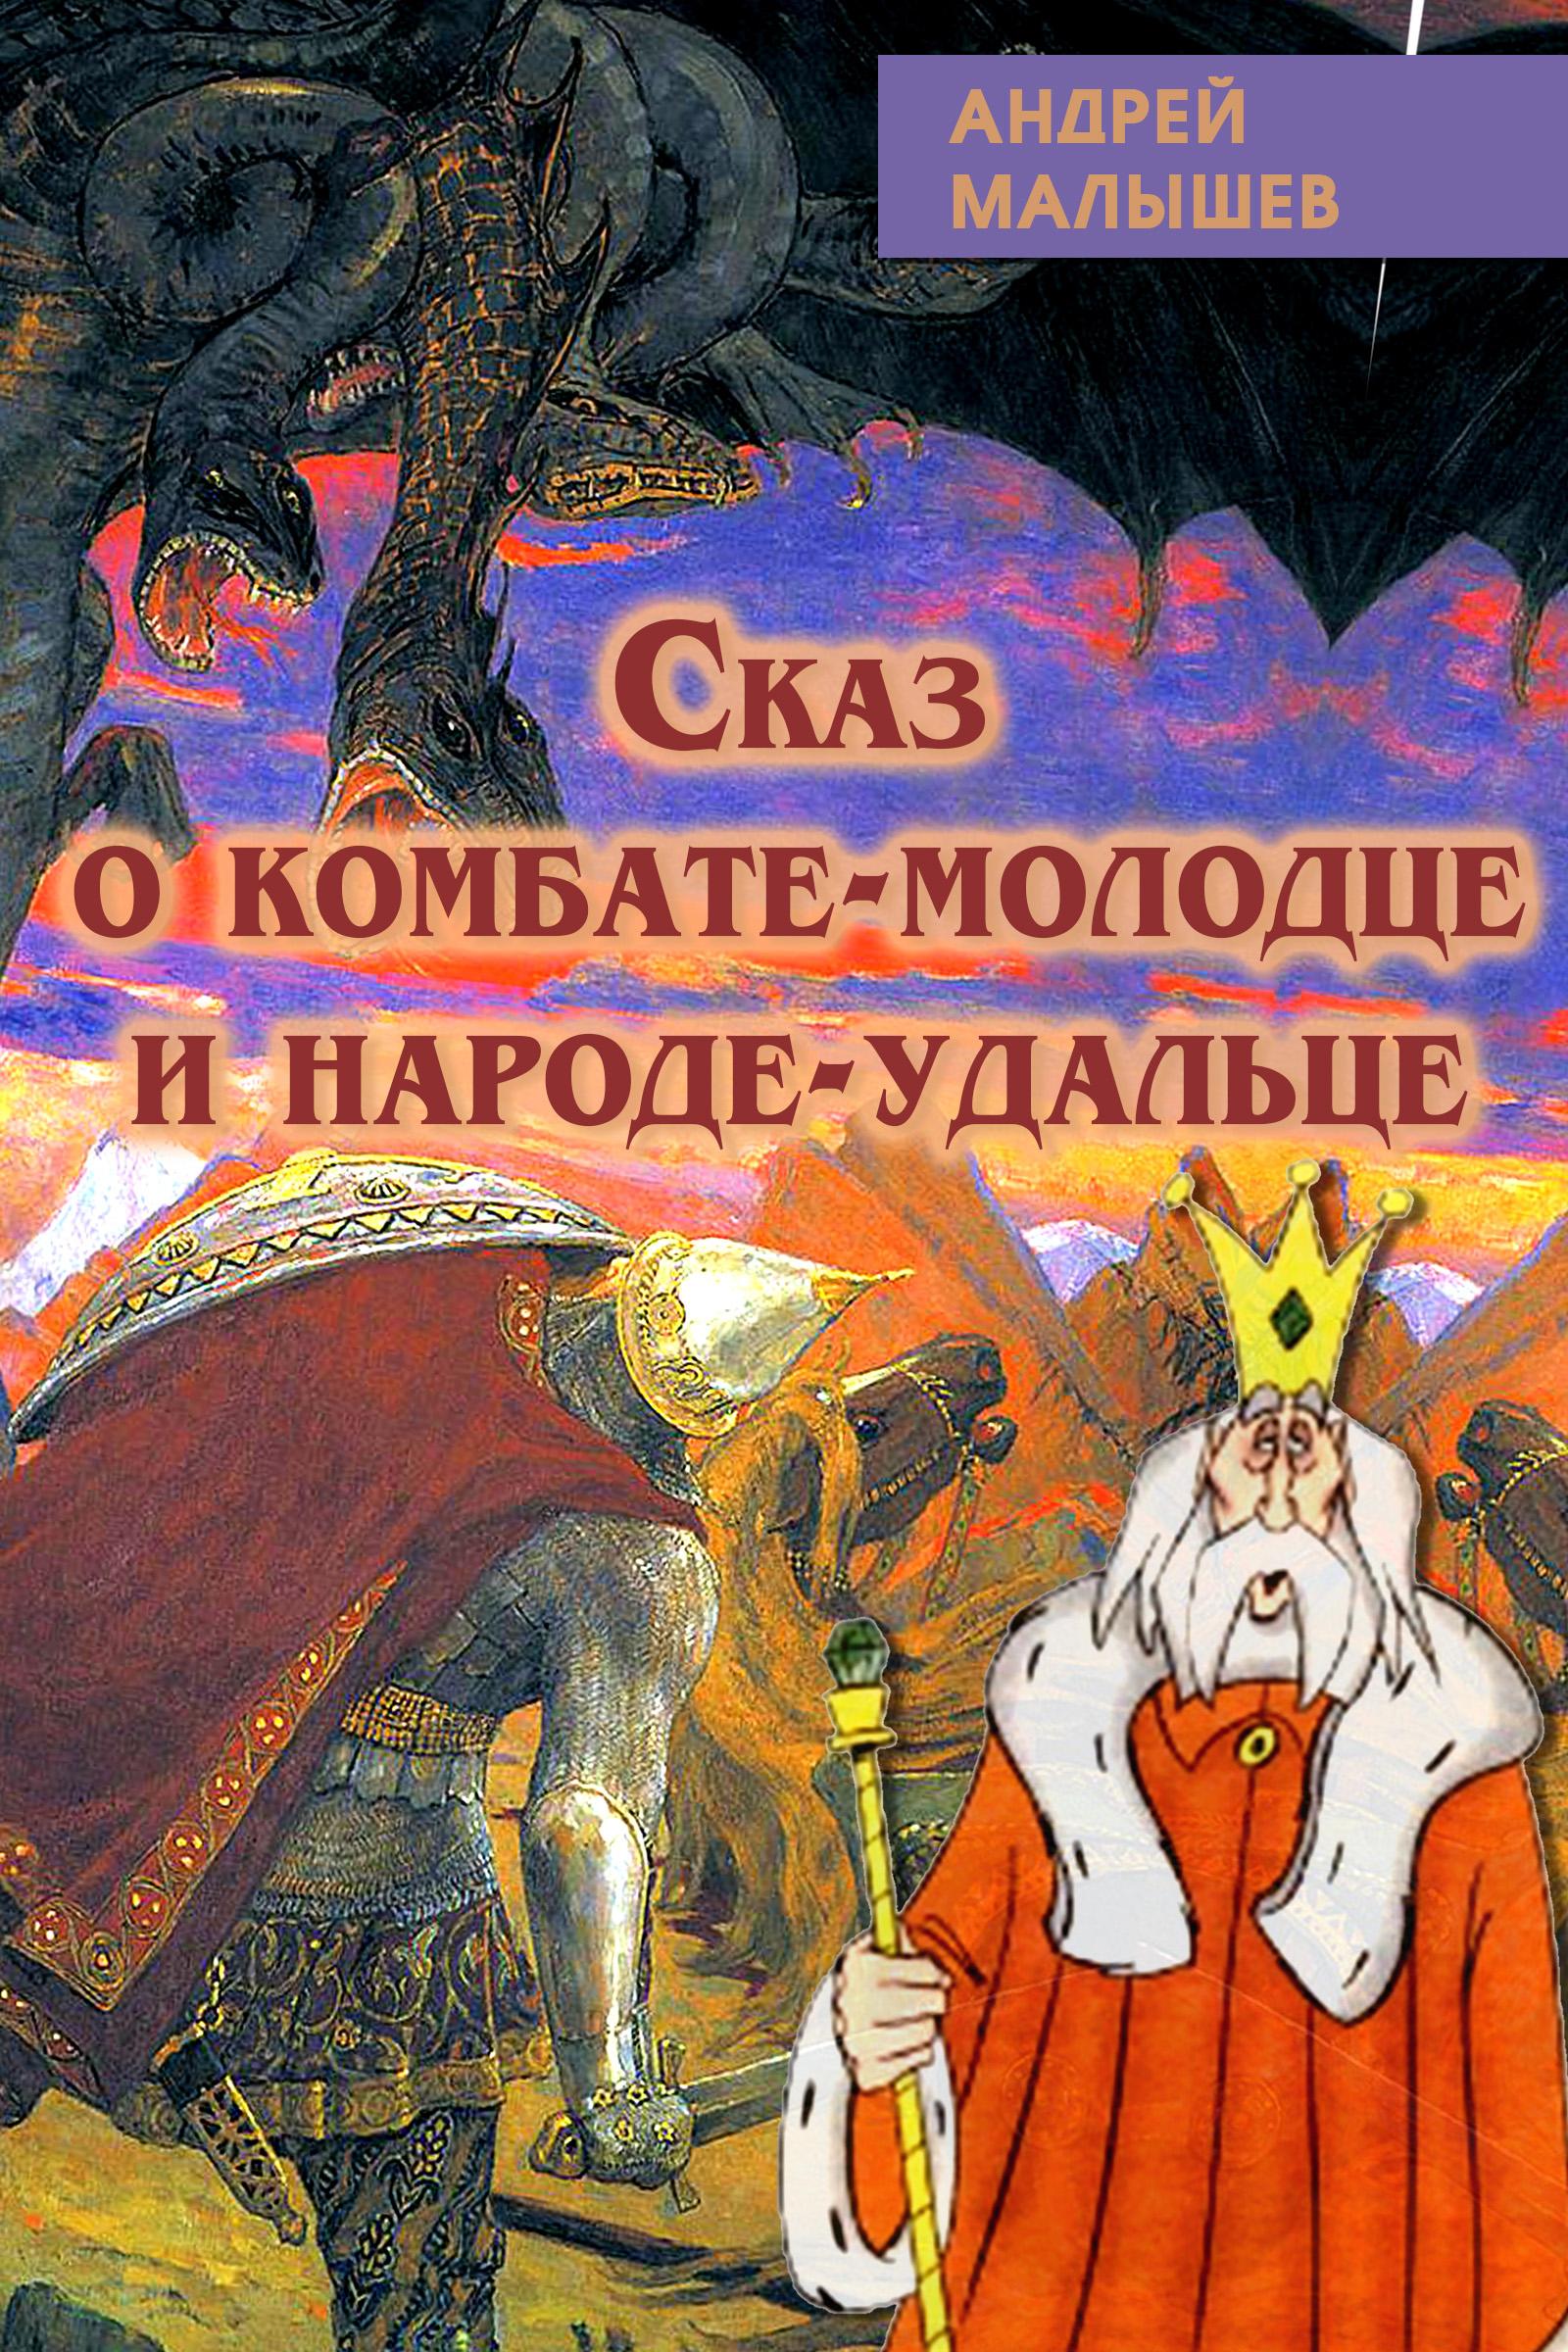 Андрей Малышев «Сказ о комбате-молодце и народе-удальце»